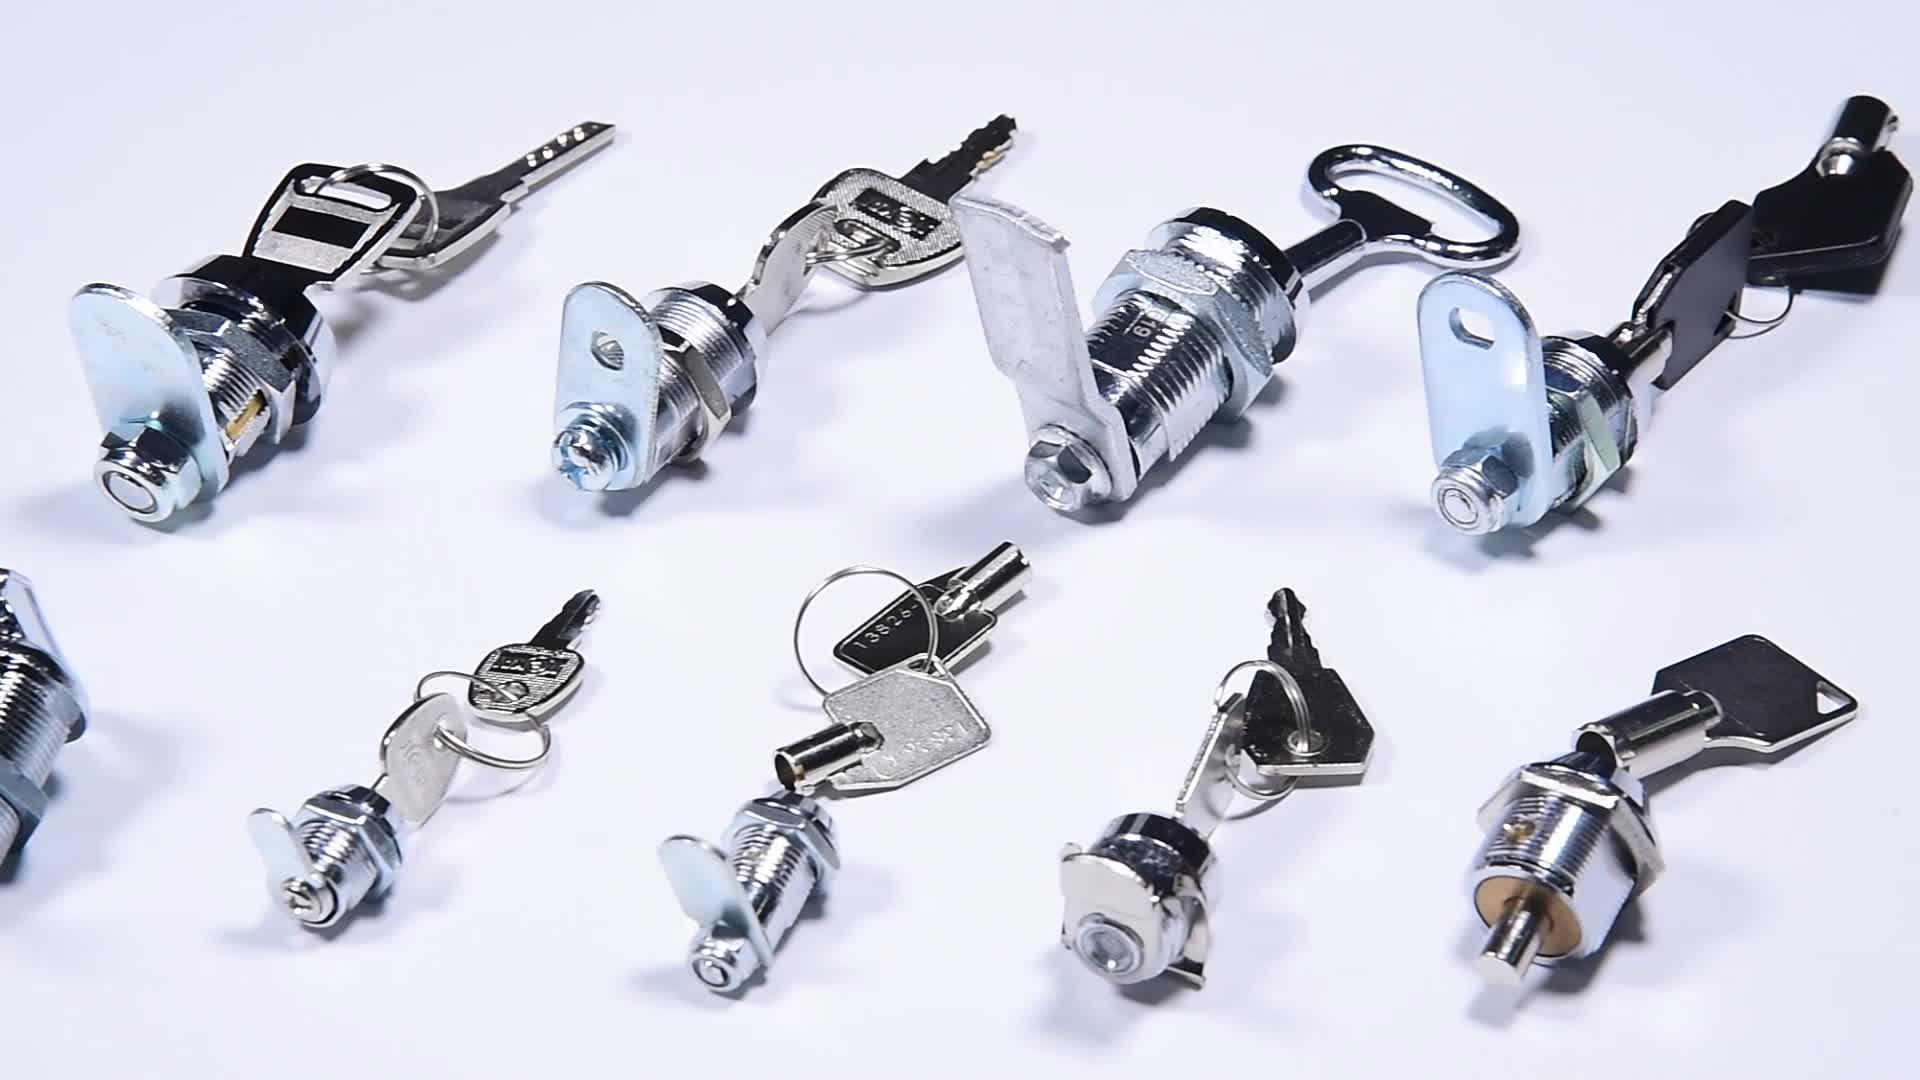 JK306 90 graus para a esquerda ou virar à direita 12mm x 10mm conector móveis bloqueio cam tubular cam lock nut chave